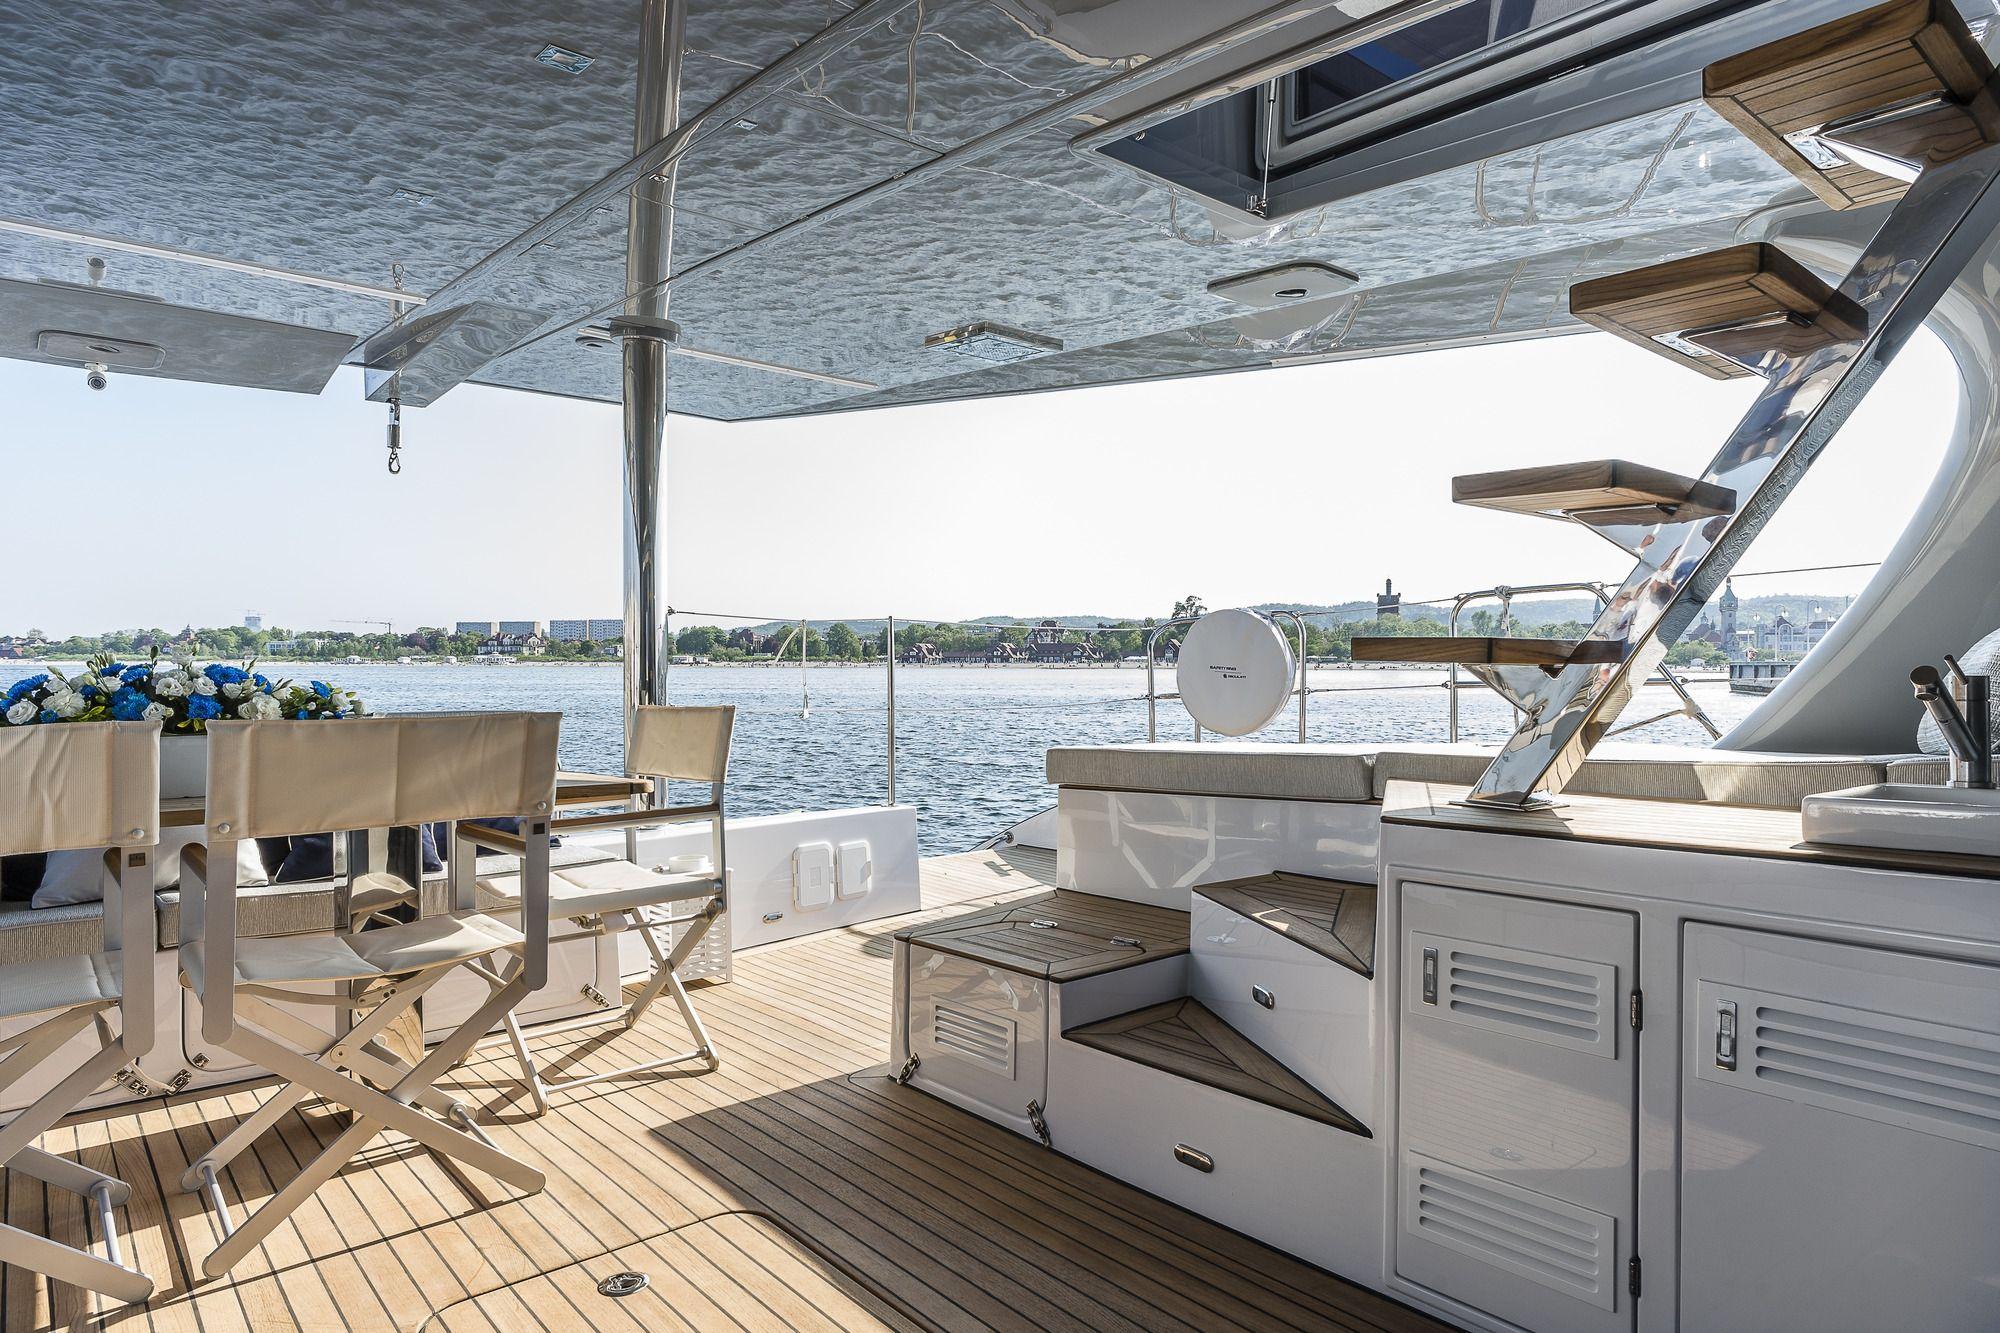 ADEA Sunreef 60 Luxury Catamaran  Aft Deck